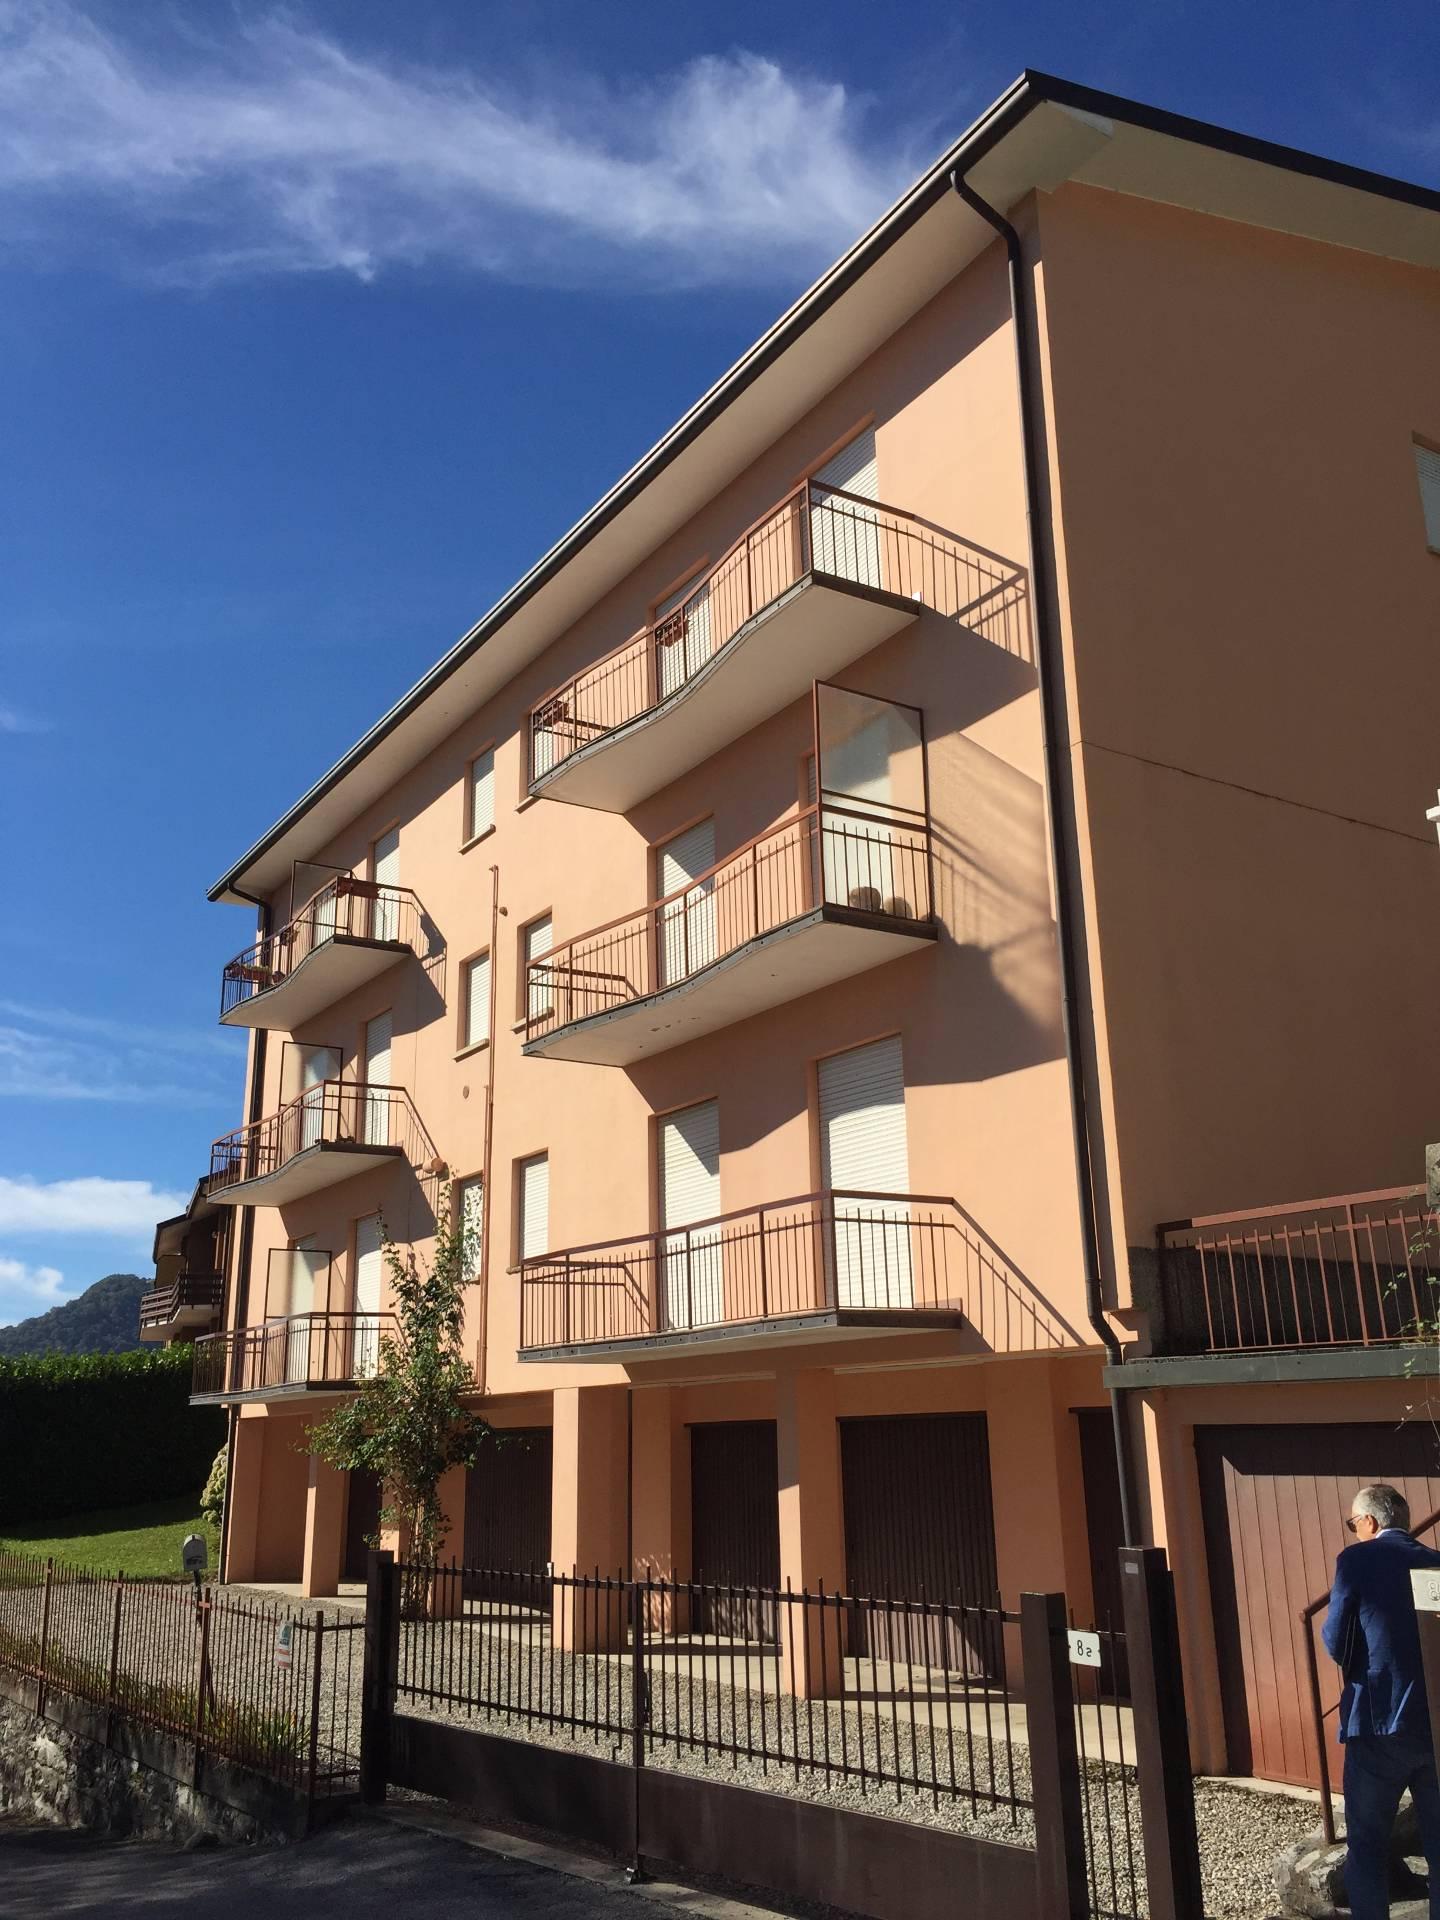 Appartamento in vendita a Sormano, 3 locali, prezzo € 50.000 | CambioCasa.it